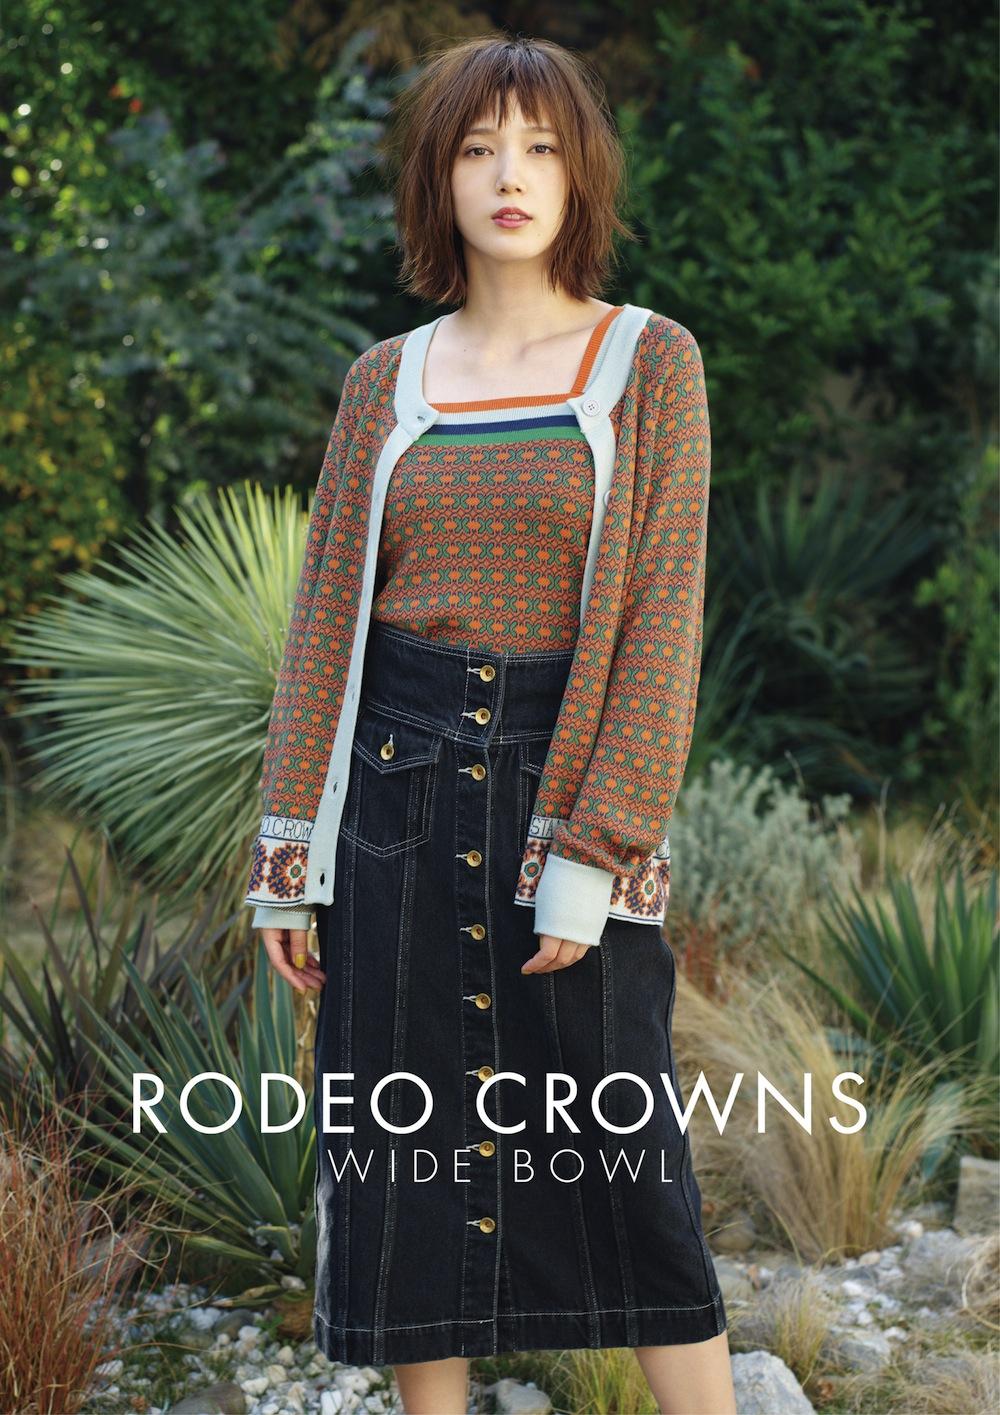 本田翼/RODEO CROWNS WIDE BOWL(ロデオクラウンズ ワイドボウル)2019春夏ヴィジュアルモデル